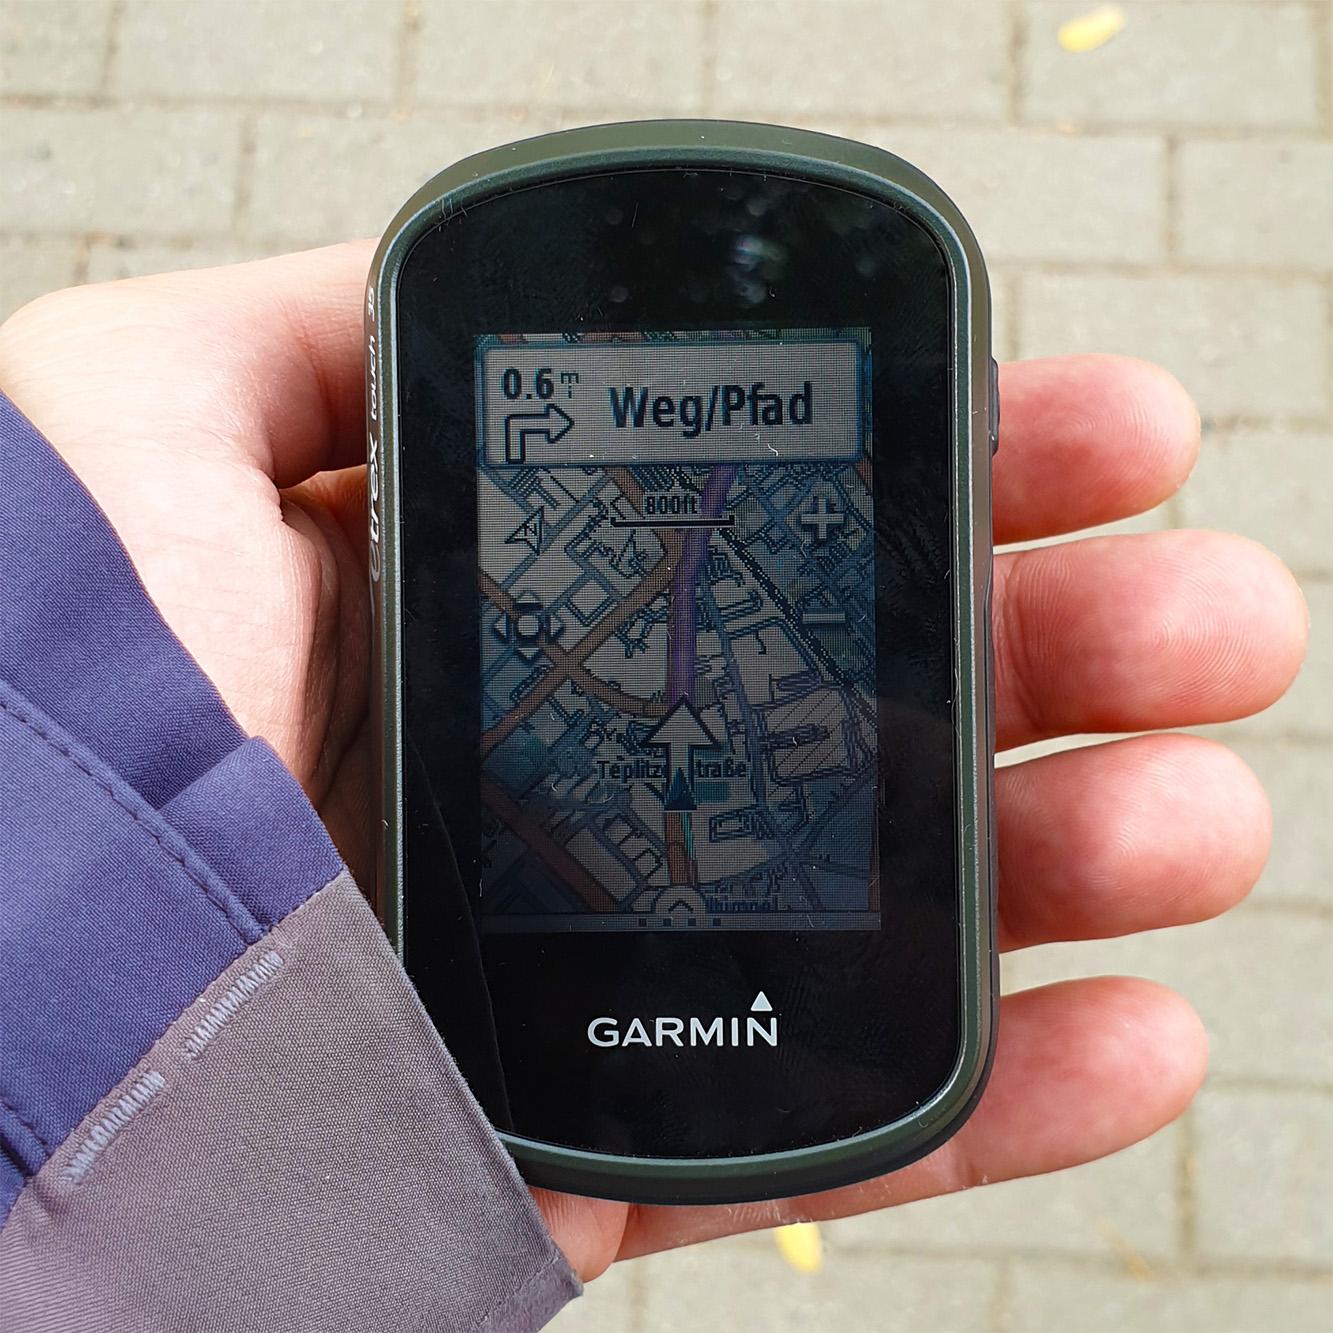 Garmin eTrex Touch 35 Ein GPS-Gerät für Wanderer und Fußgänger